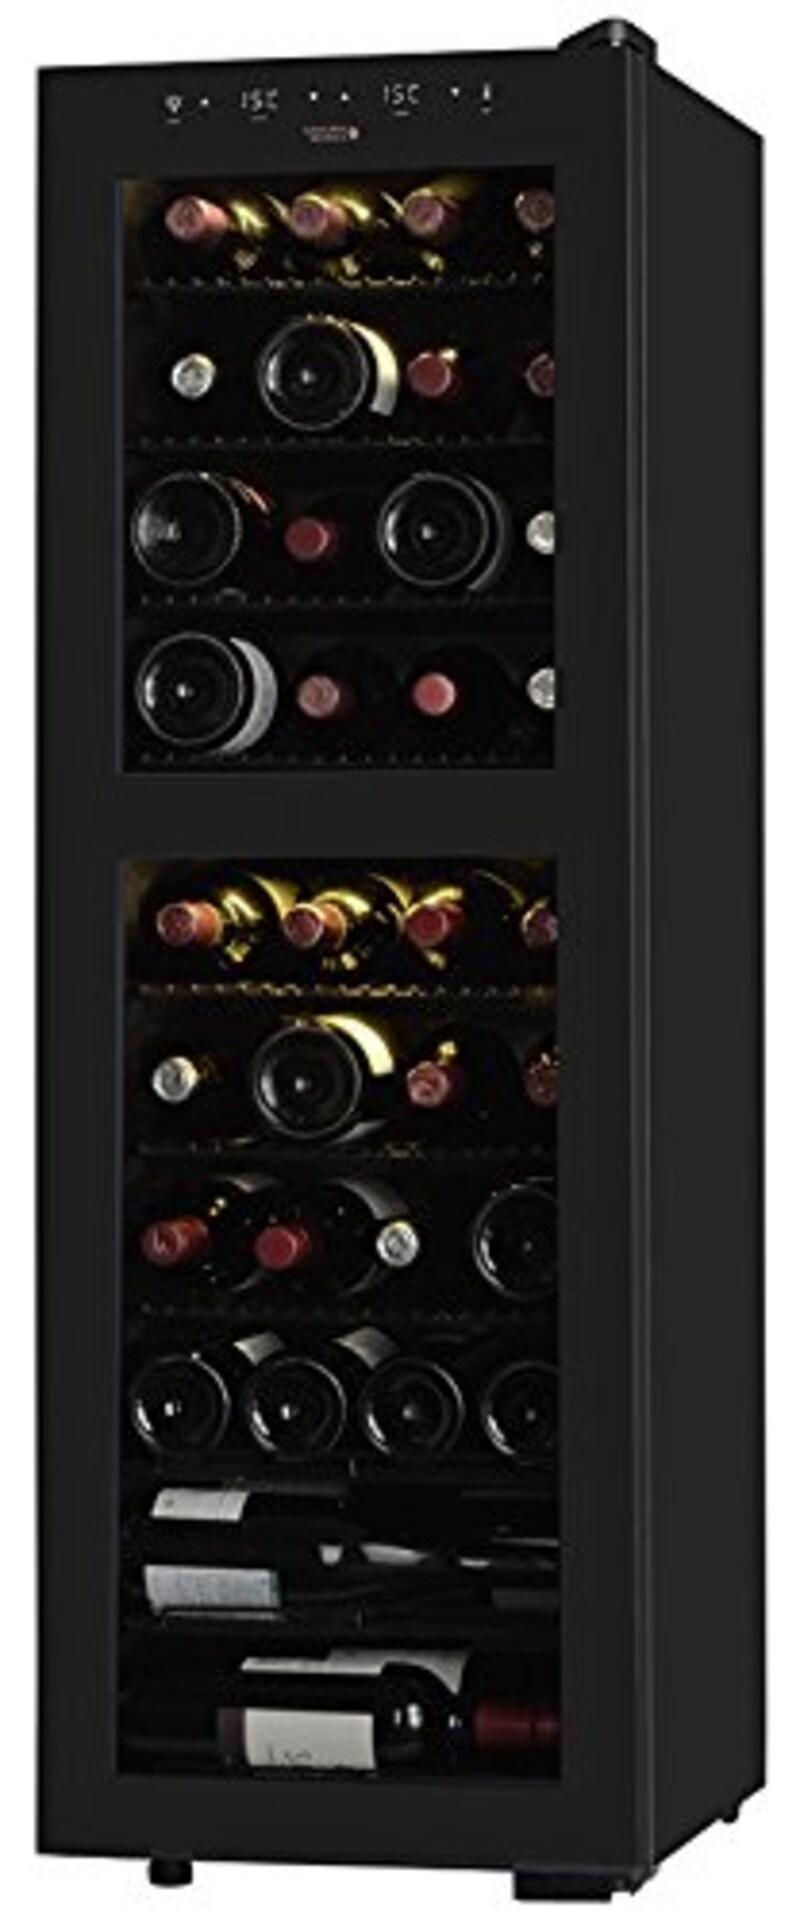 さくら製作所,ZERO CLASS Smart 低温冷蔵ワインセラー,SB38